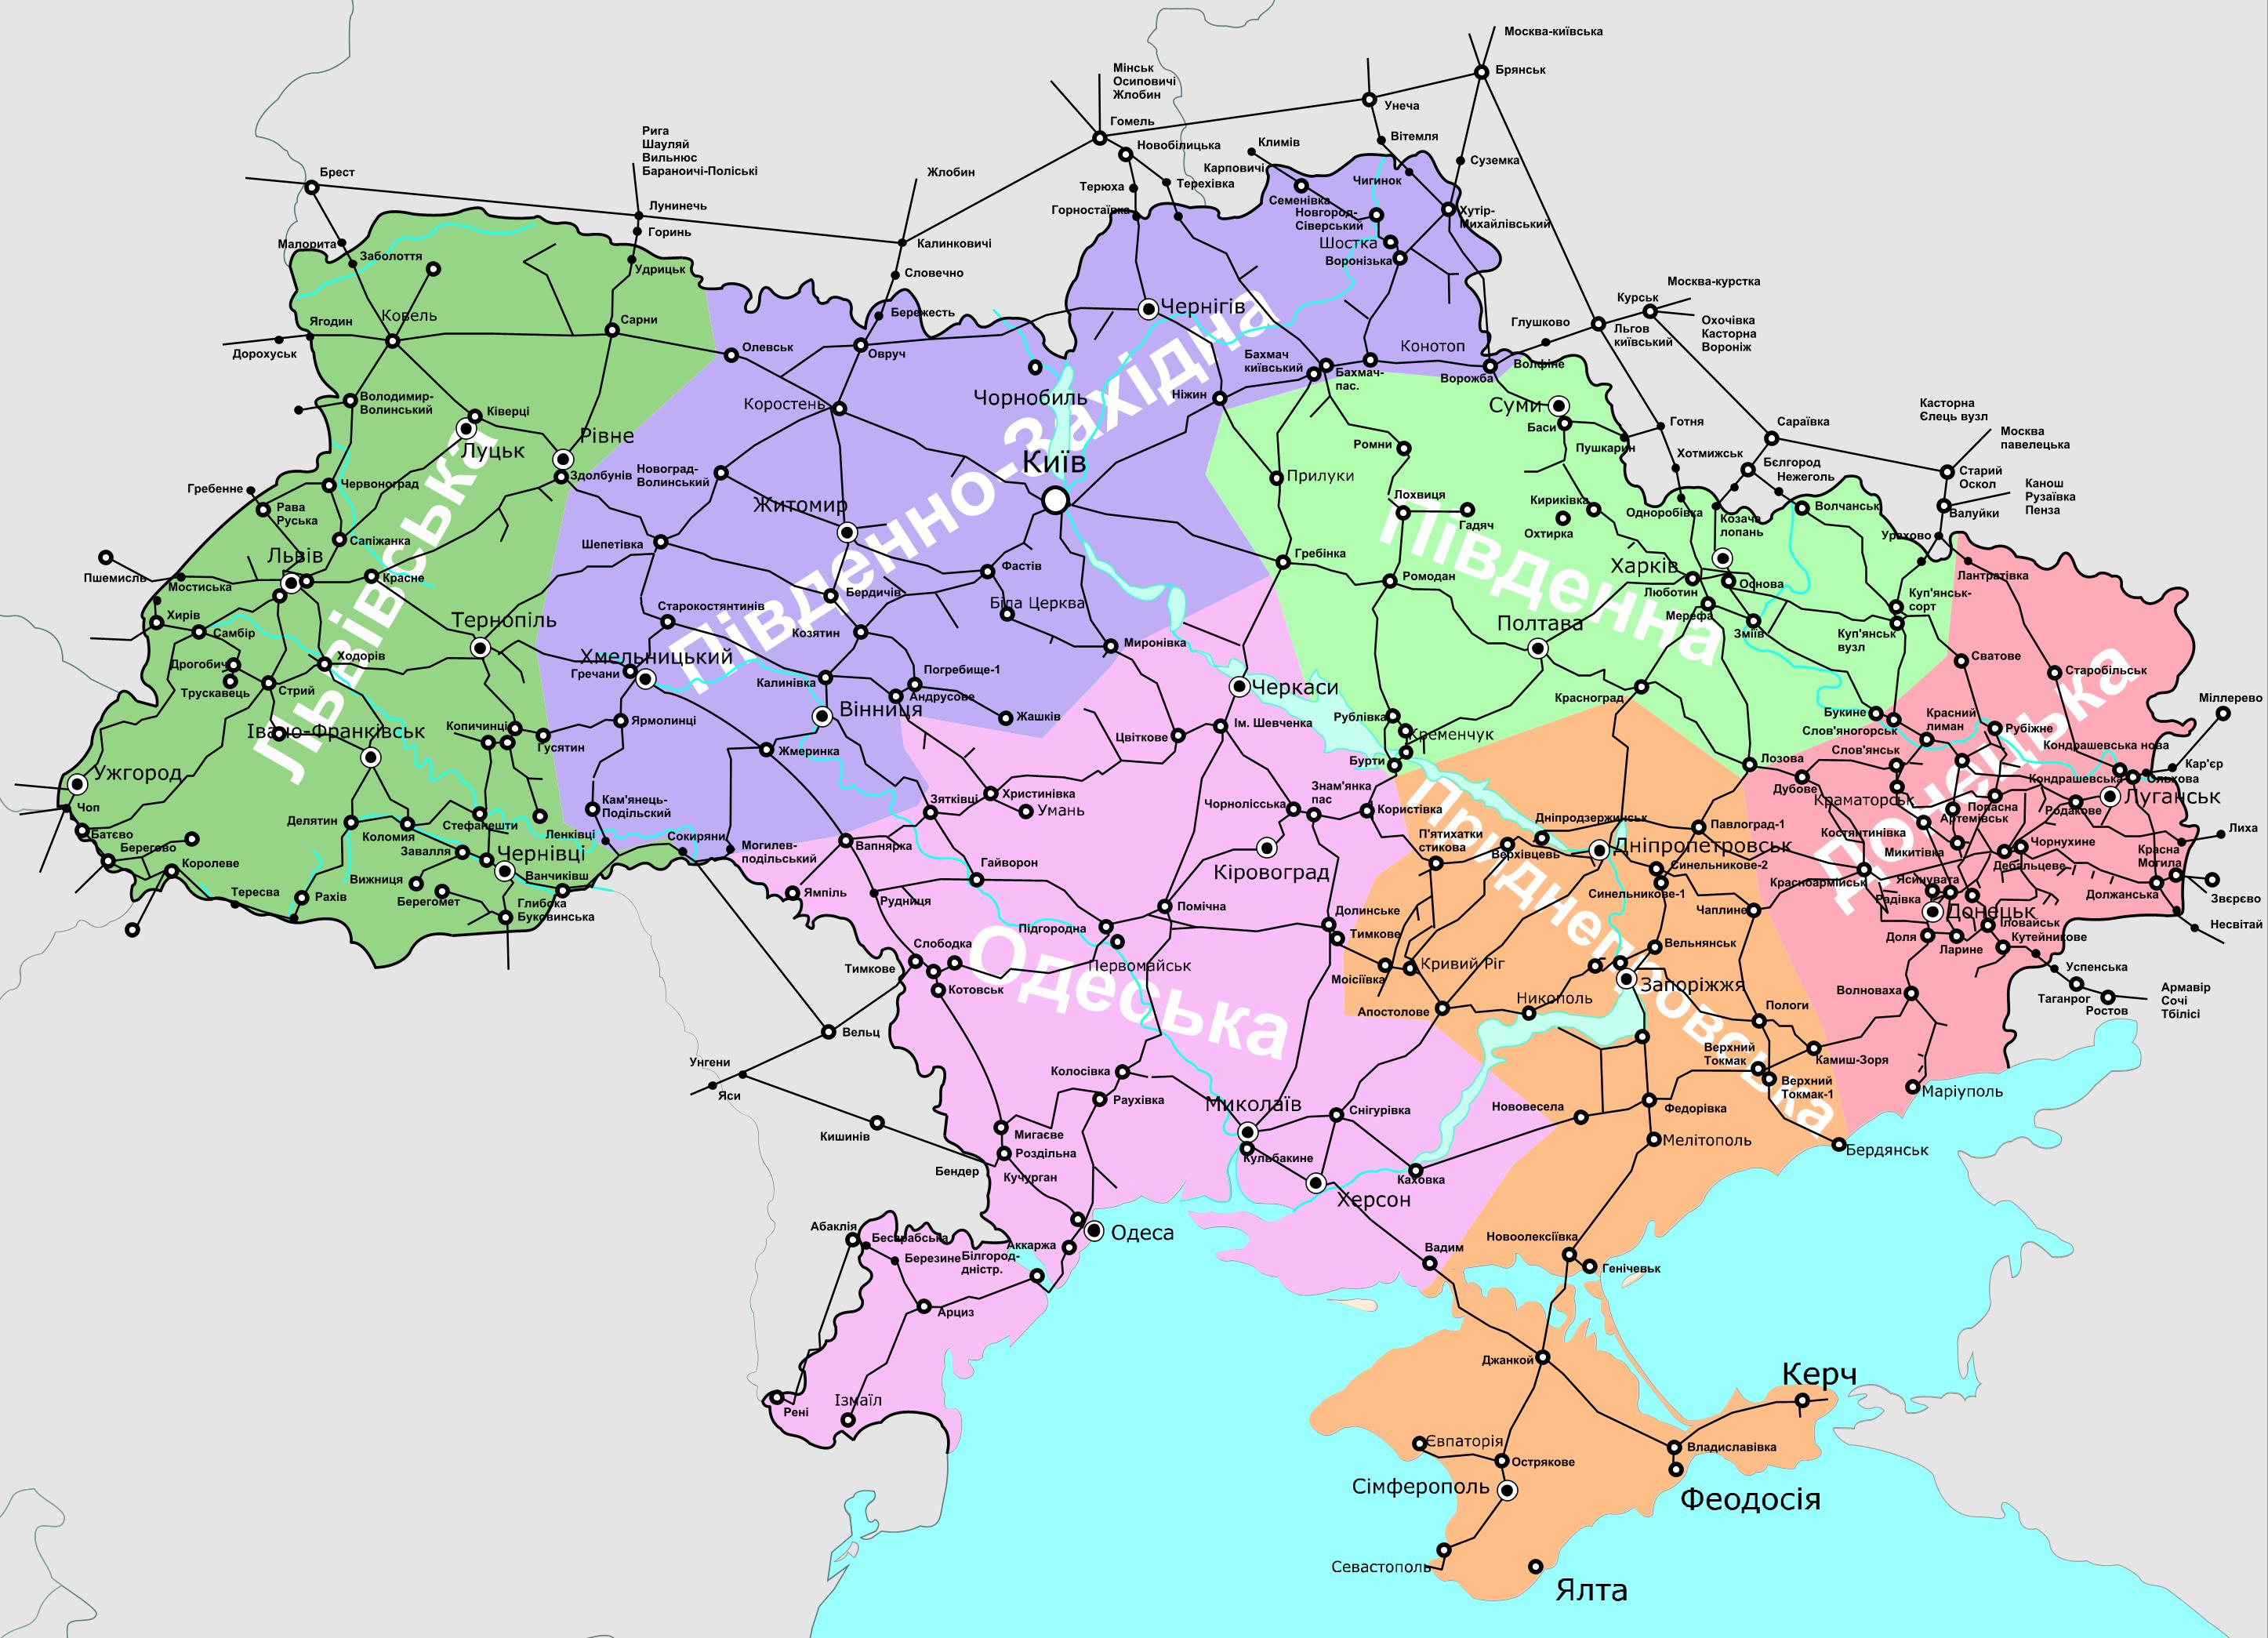 Юго-Западная железная дорога - это... Что такое Юго ...: http://dic.academic.ru/dic.nsf/ruwiki/203231